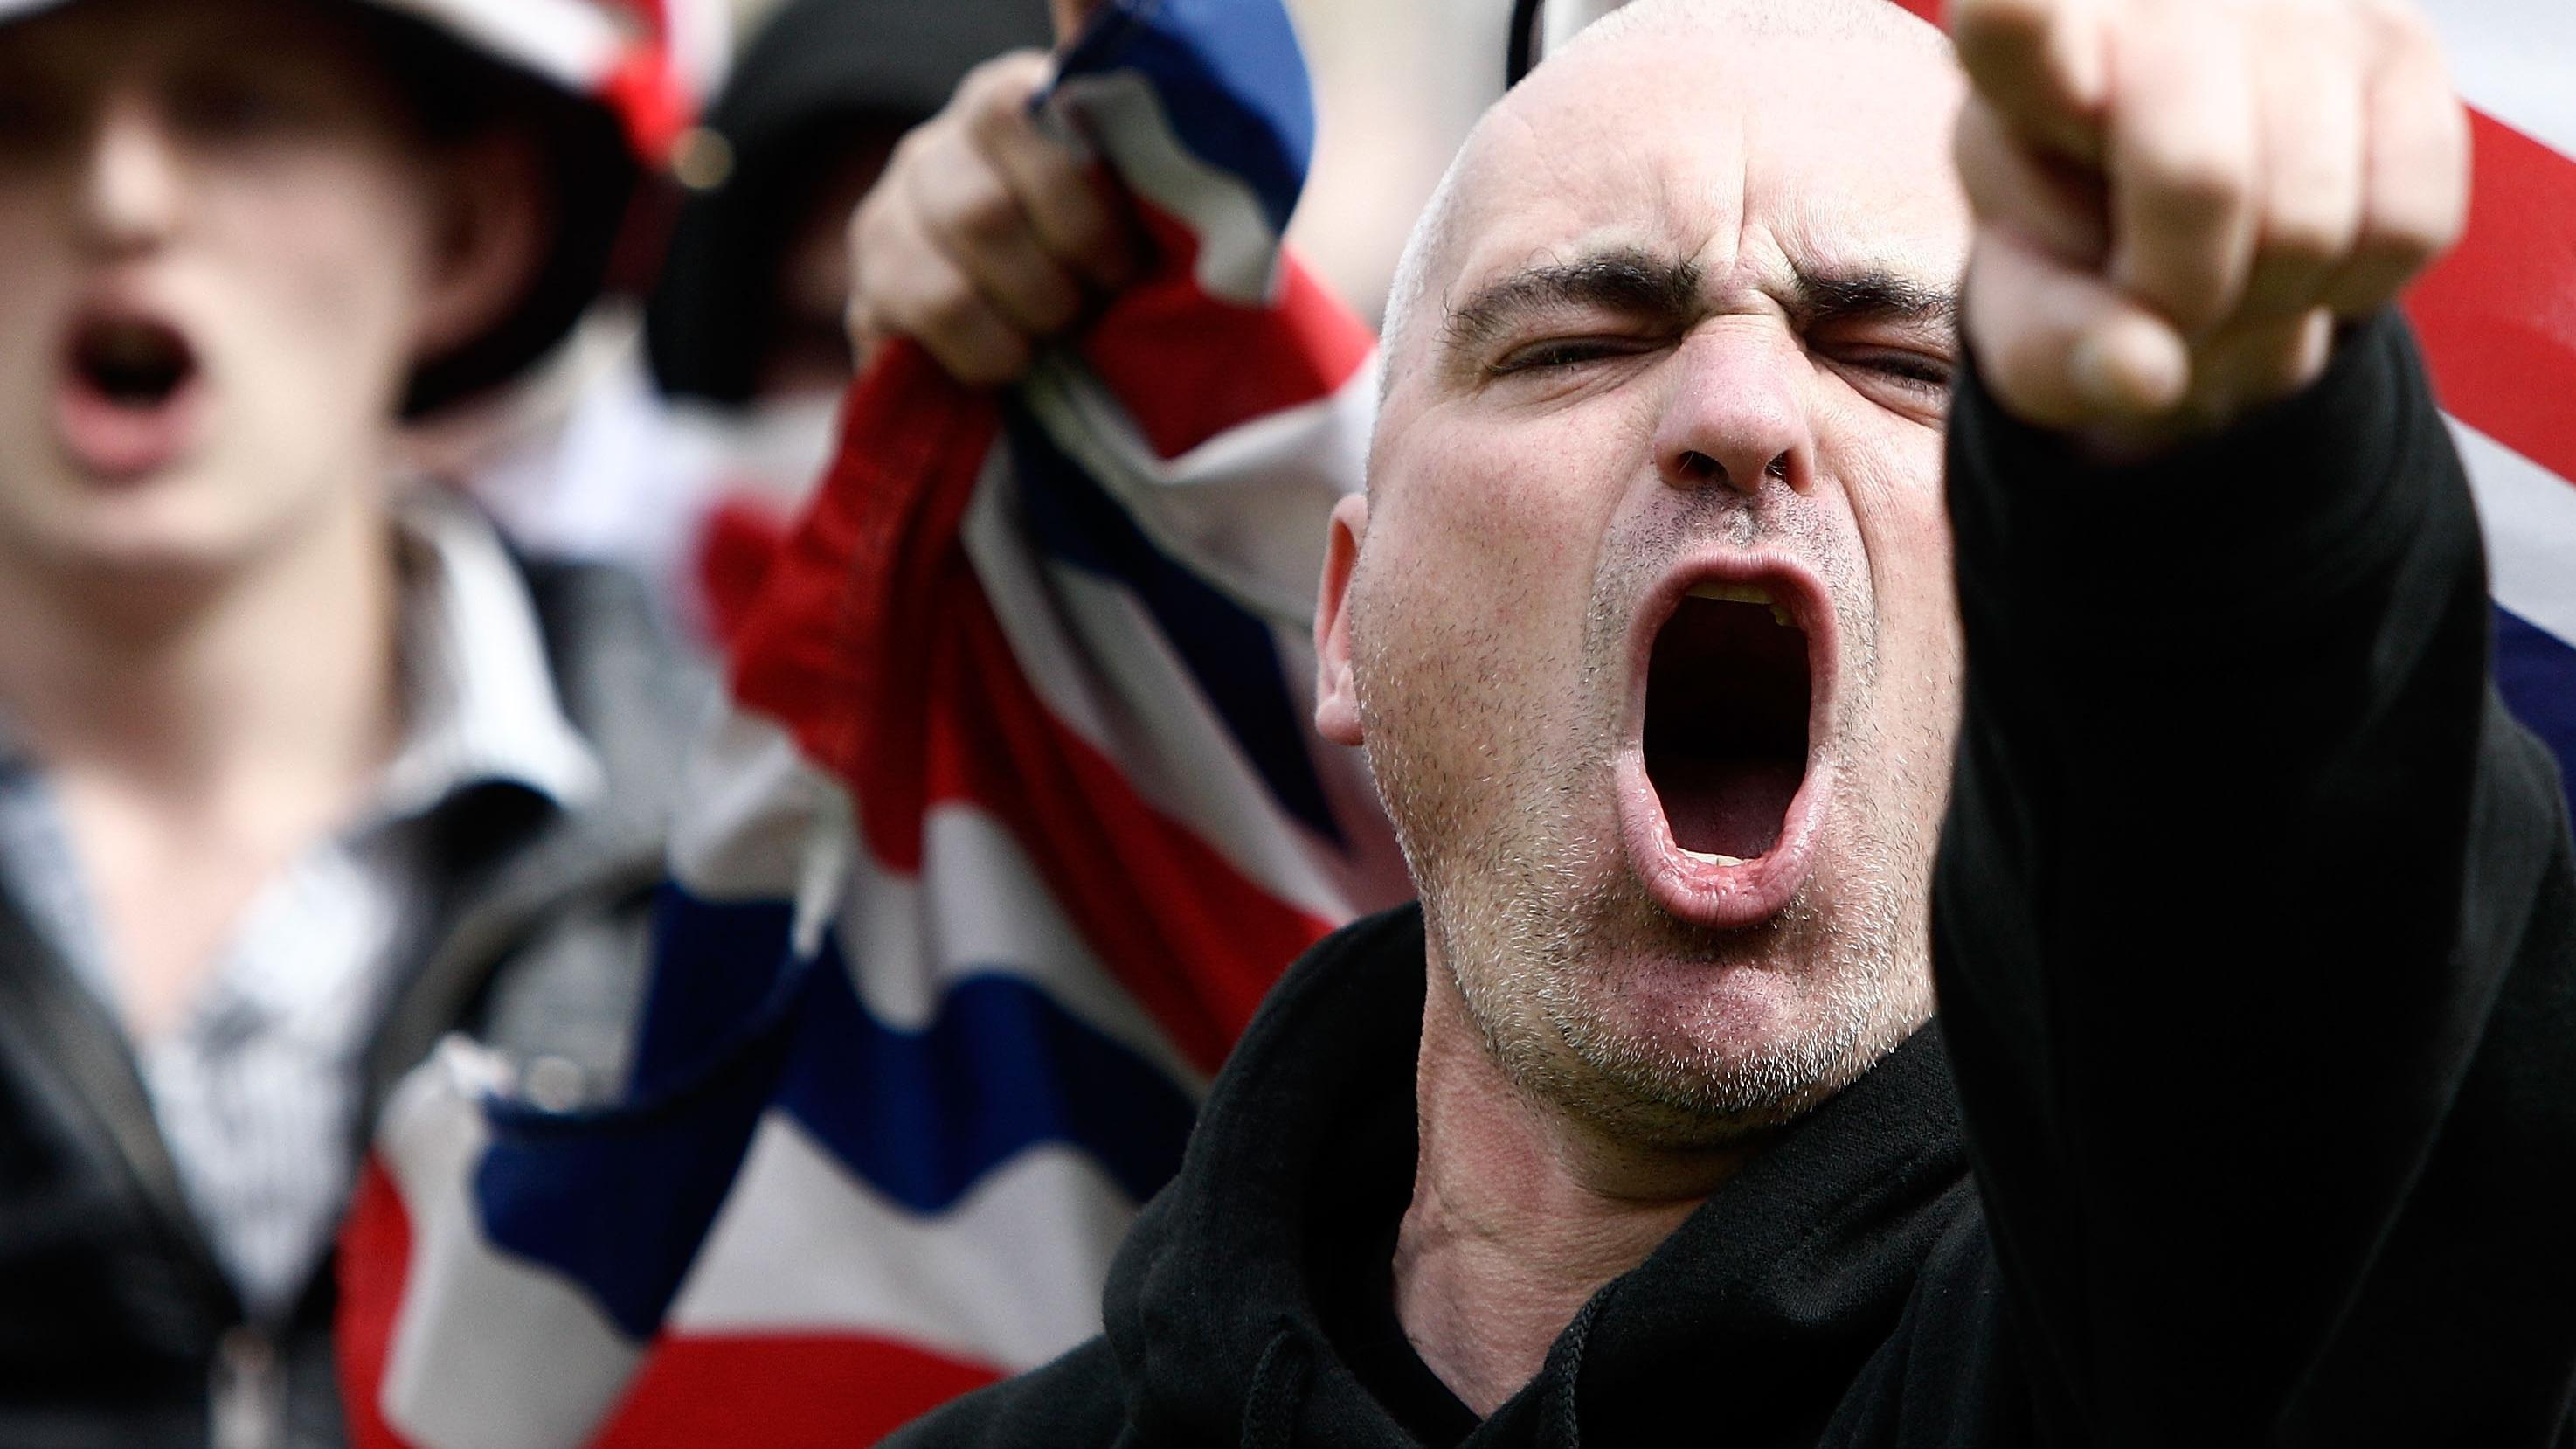 Лидер английских неонацистов исправился, очутившись евреем игеем (2)